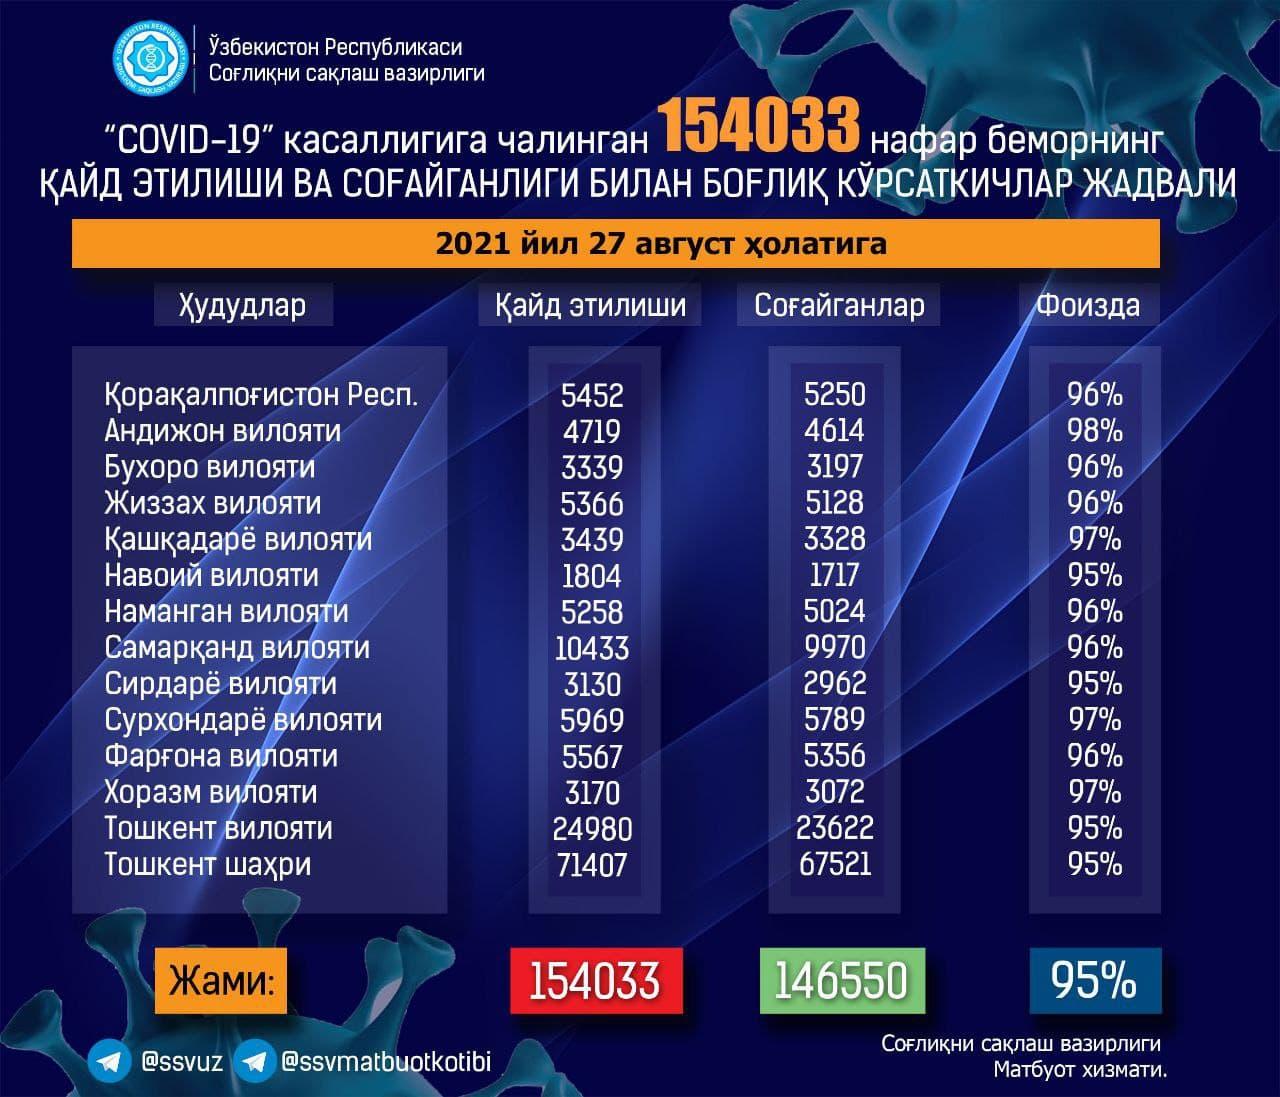 Минздрав опубликовал свежую статистику по коронавирусу